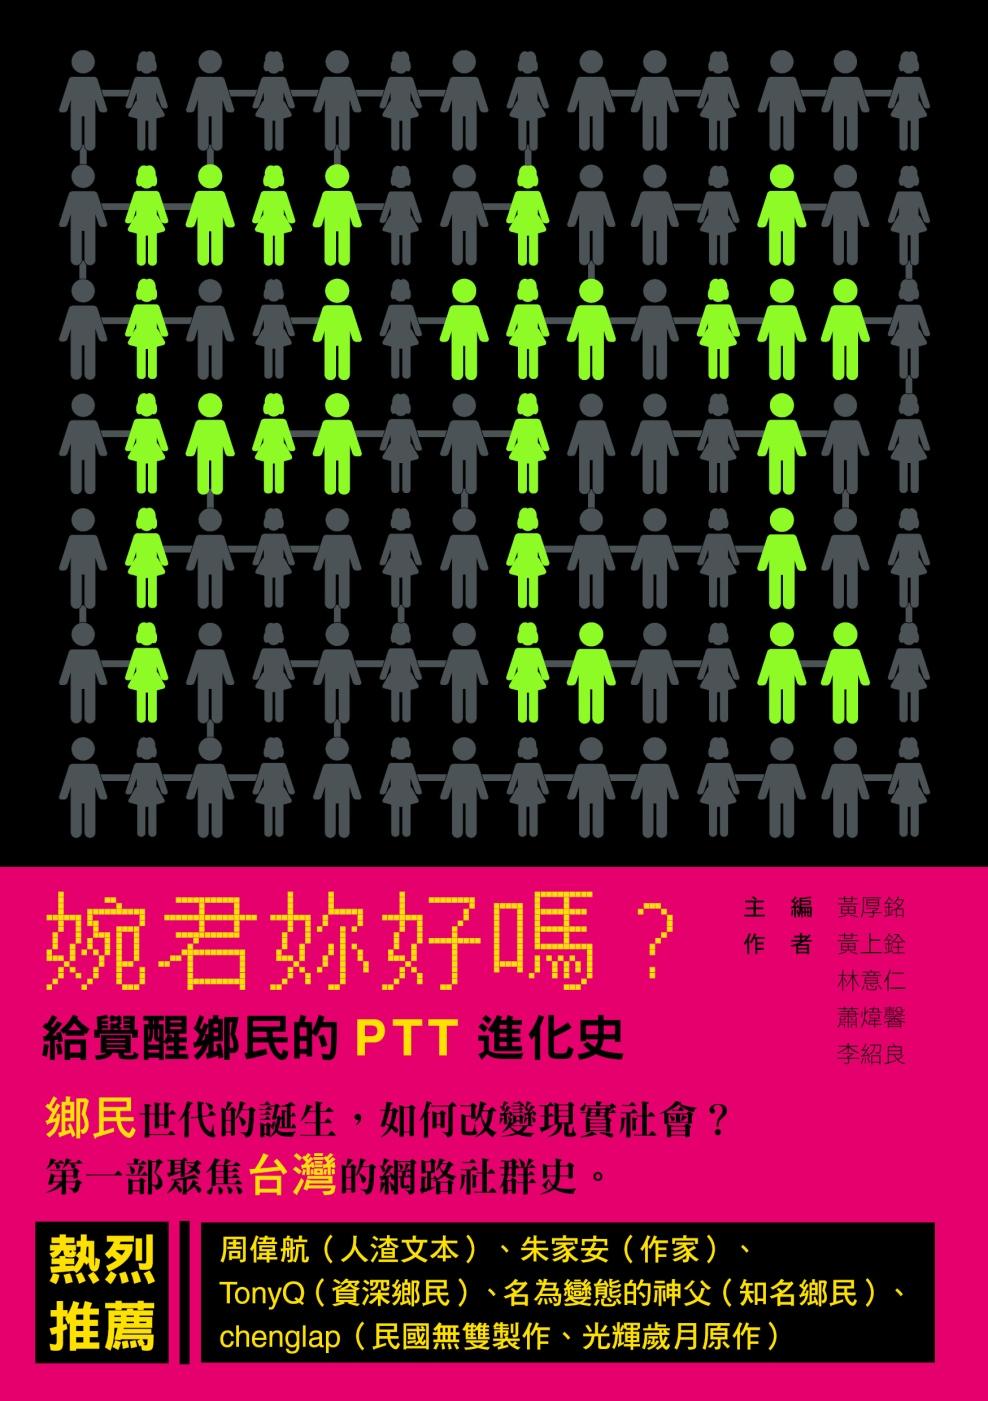 婉君妳好嗎?:給覺醒鄉民的PTT進化史